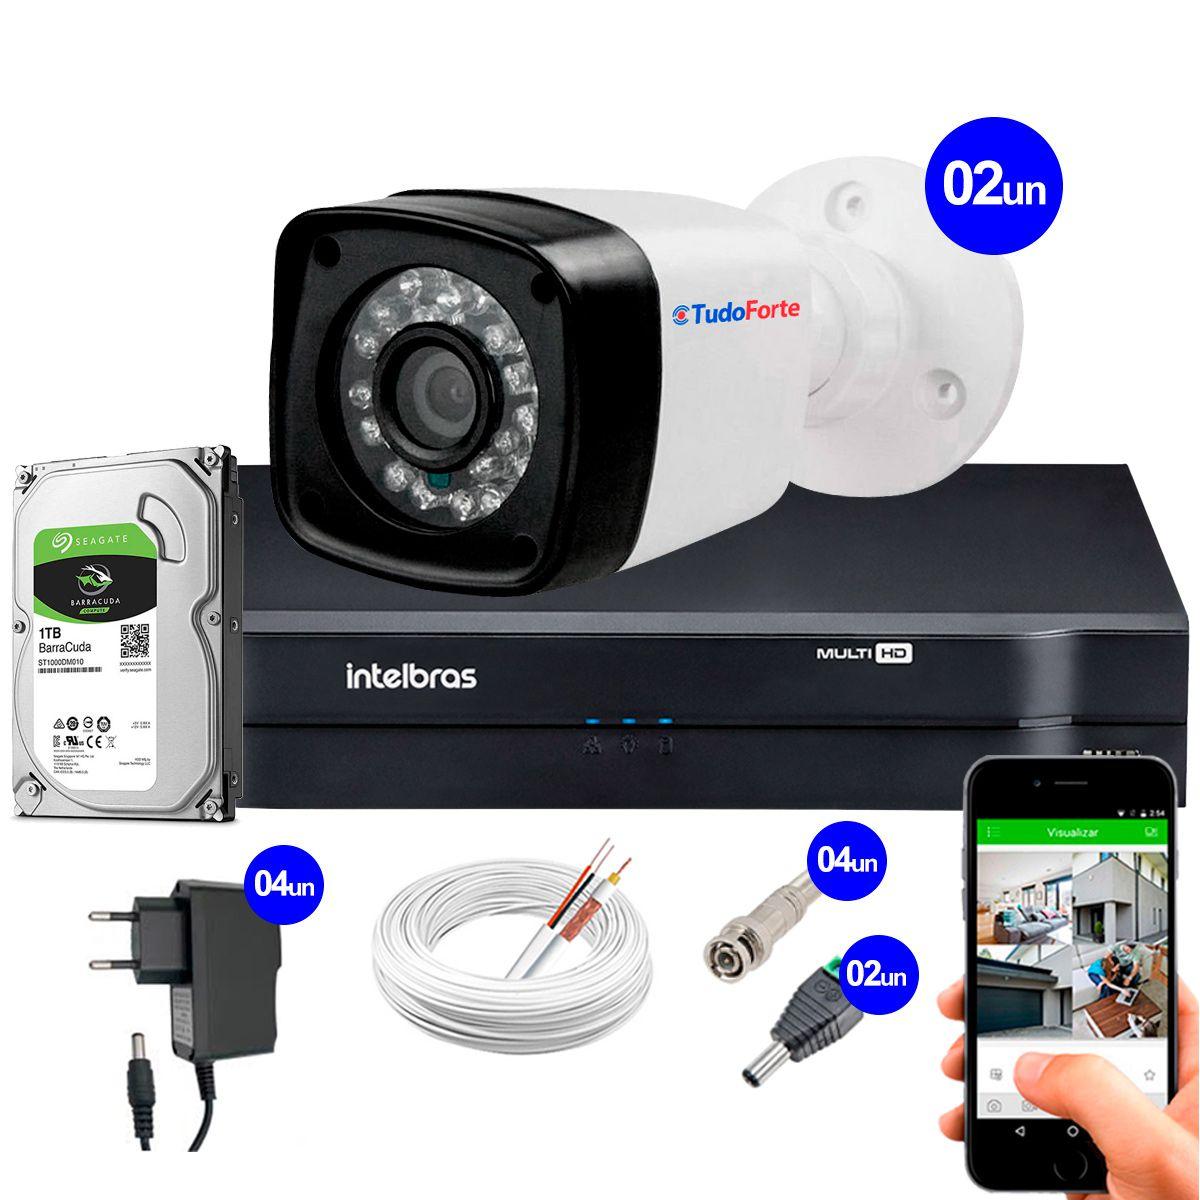 Kit 2 Câmeras + DVR Intelbras + HD 1 TB + App de Monitoramento, Câmeras HD 720p 20m Infravermelho de Visão Noturna + Fonte, Cabos e Acessórios  - Tudo Forte